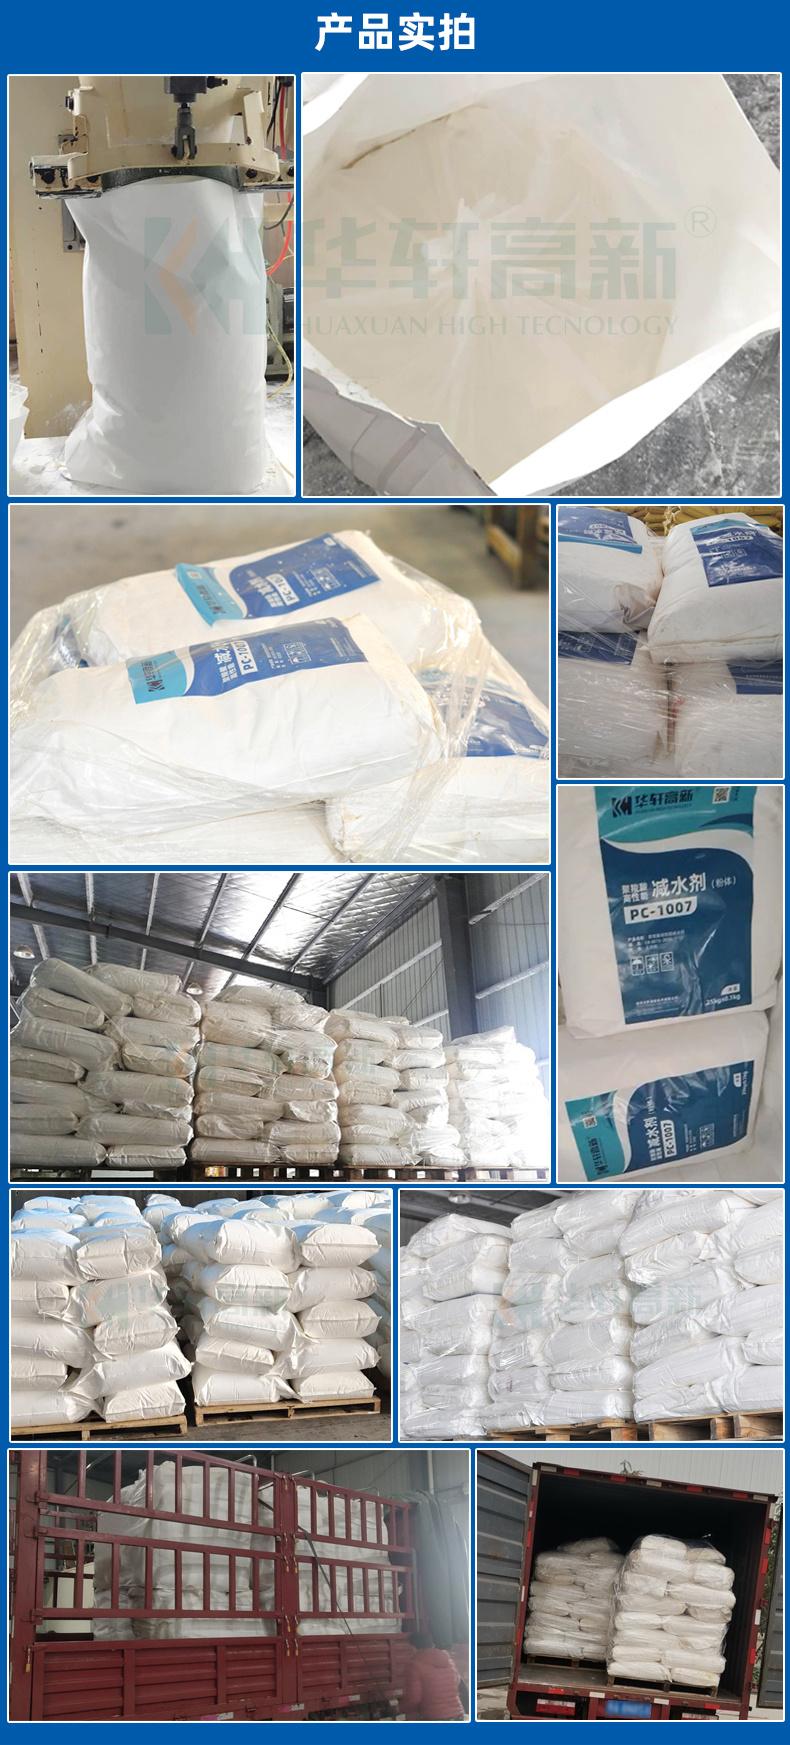 高减水高流态干拌砂浆减水剂 PC-1007高性能聚羧酸减水剂粉末示例图7